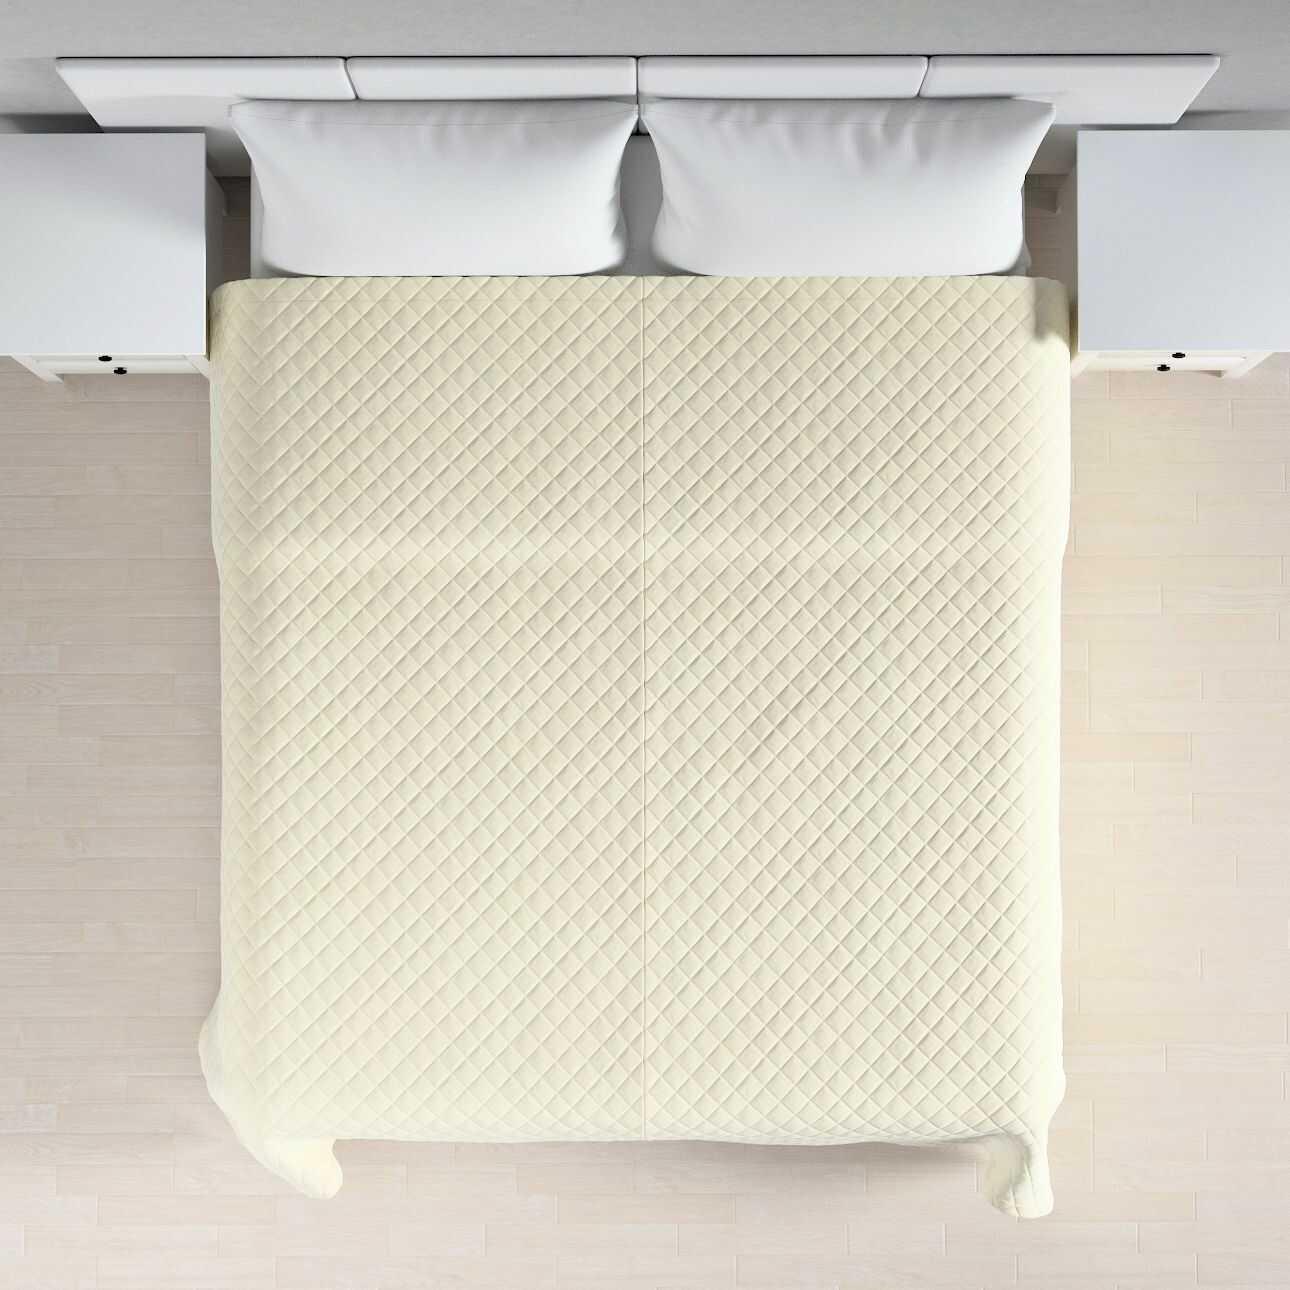 Narzuta pikowana w romby, śmietankowa biel, szer.210  dł.170 cm, Velvet